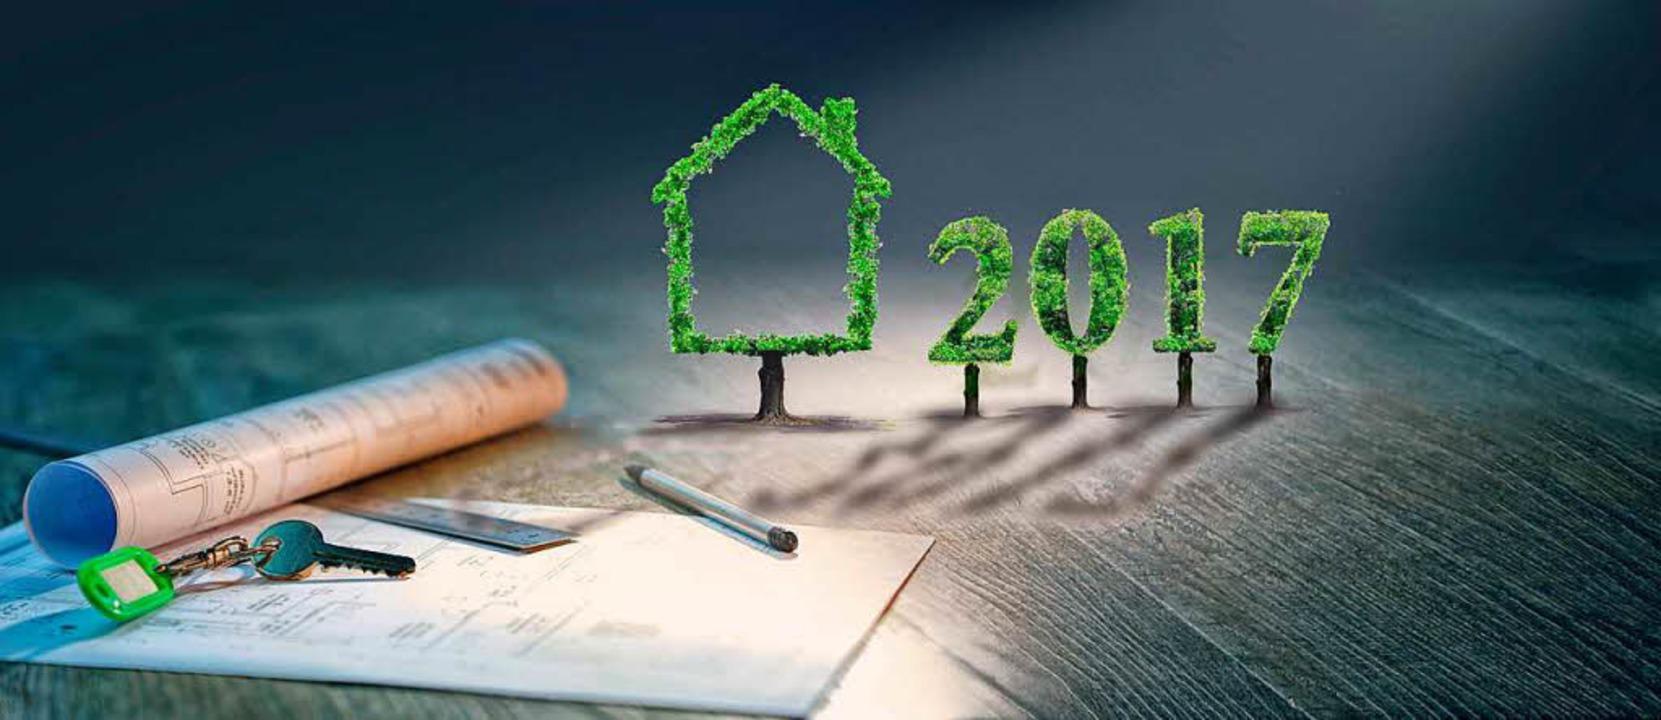 Wird es noch in diesem Jahr etwas mit ...änen für ein Begegnungshaus in Stegen?  | Foto: guy - Fotolia